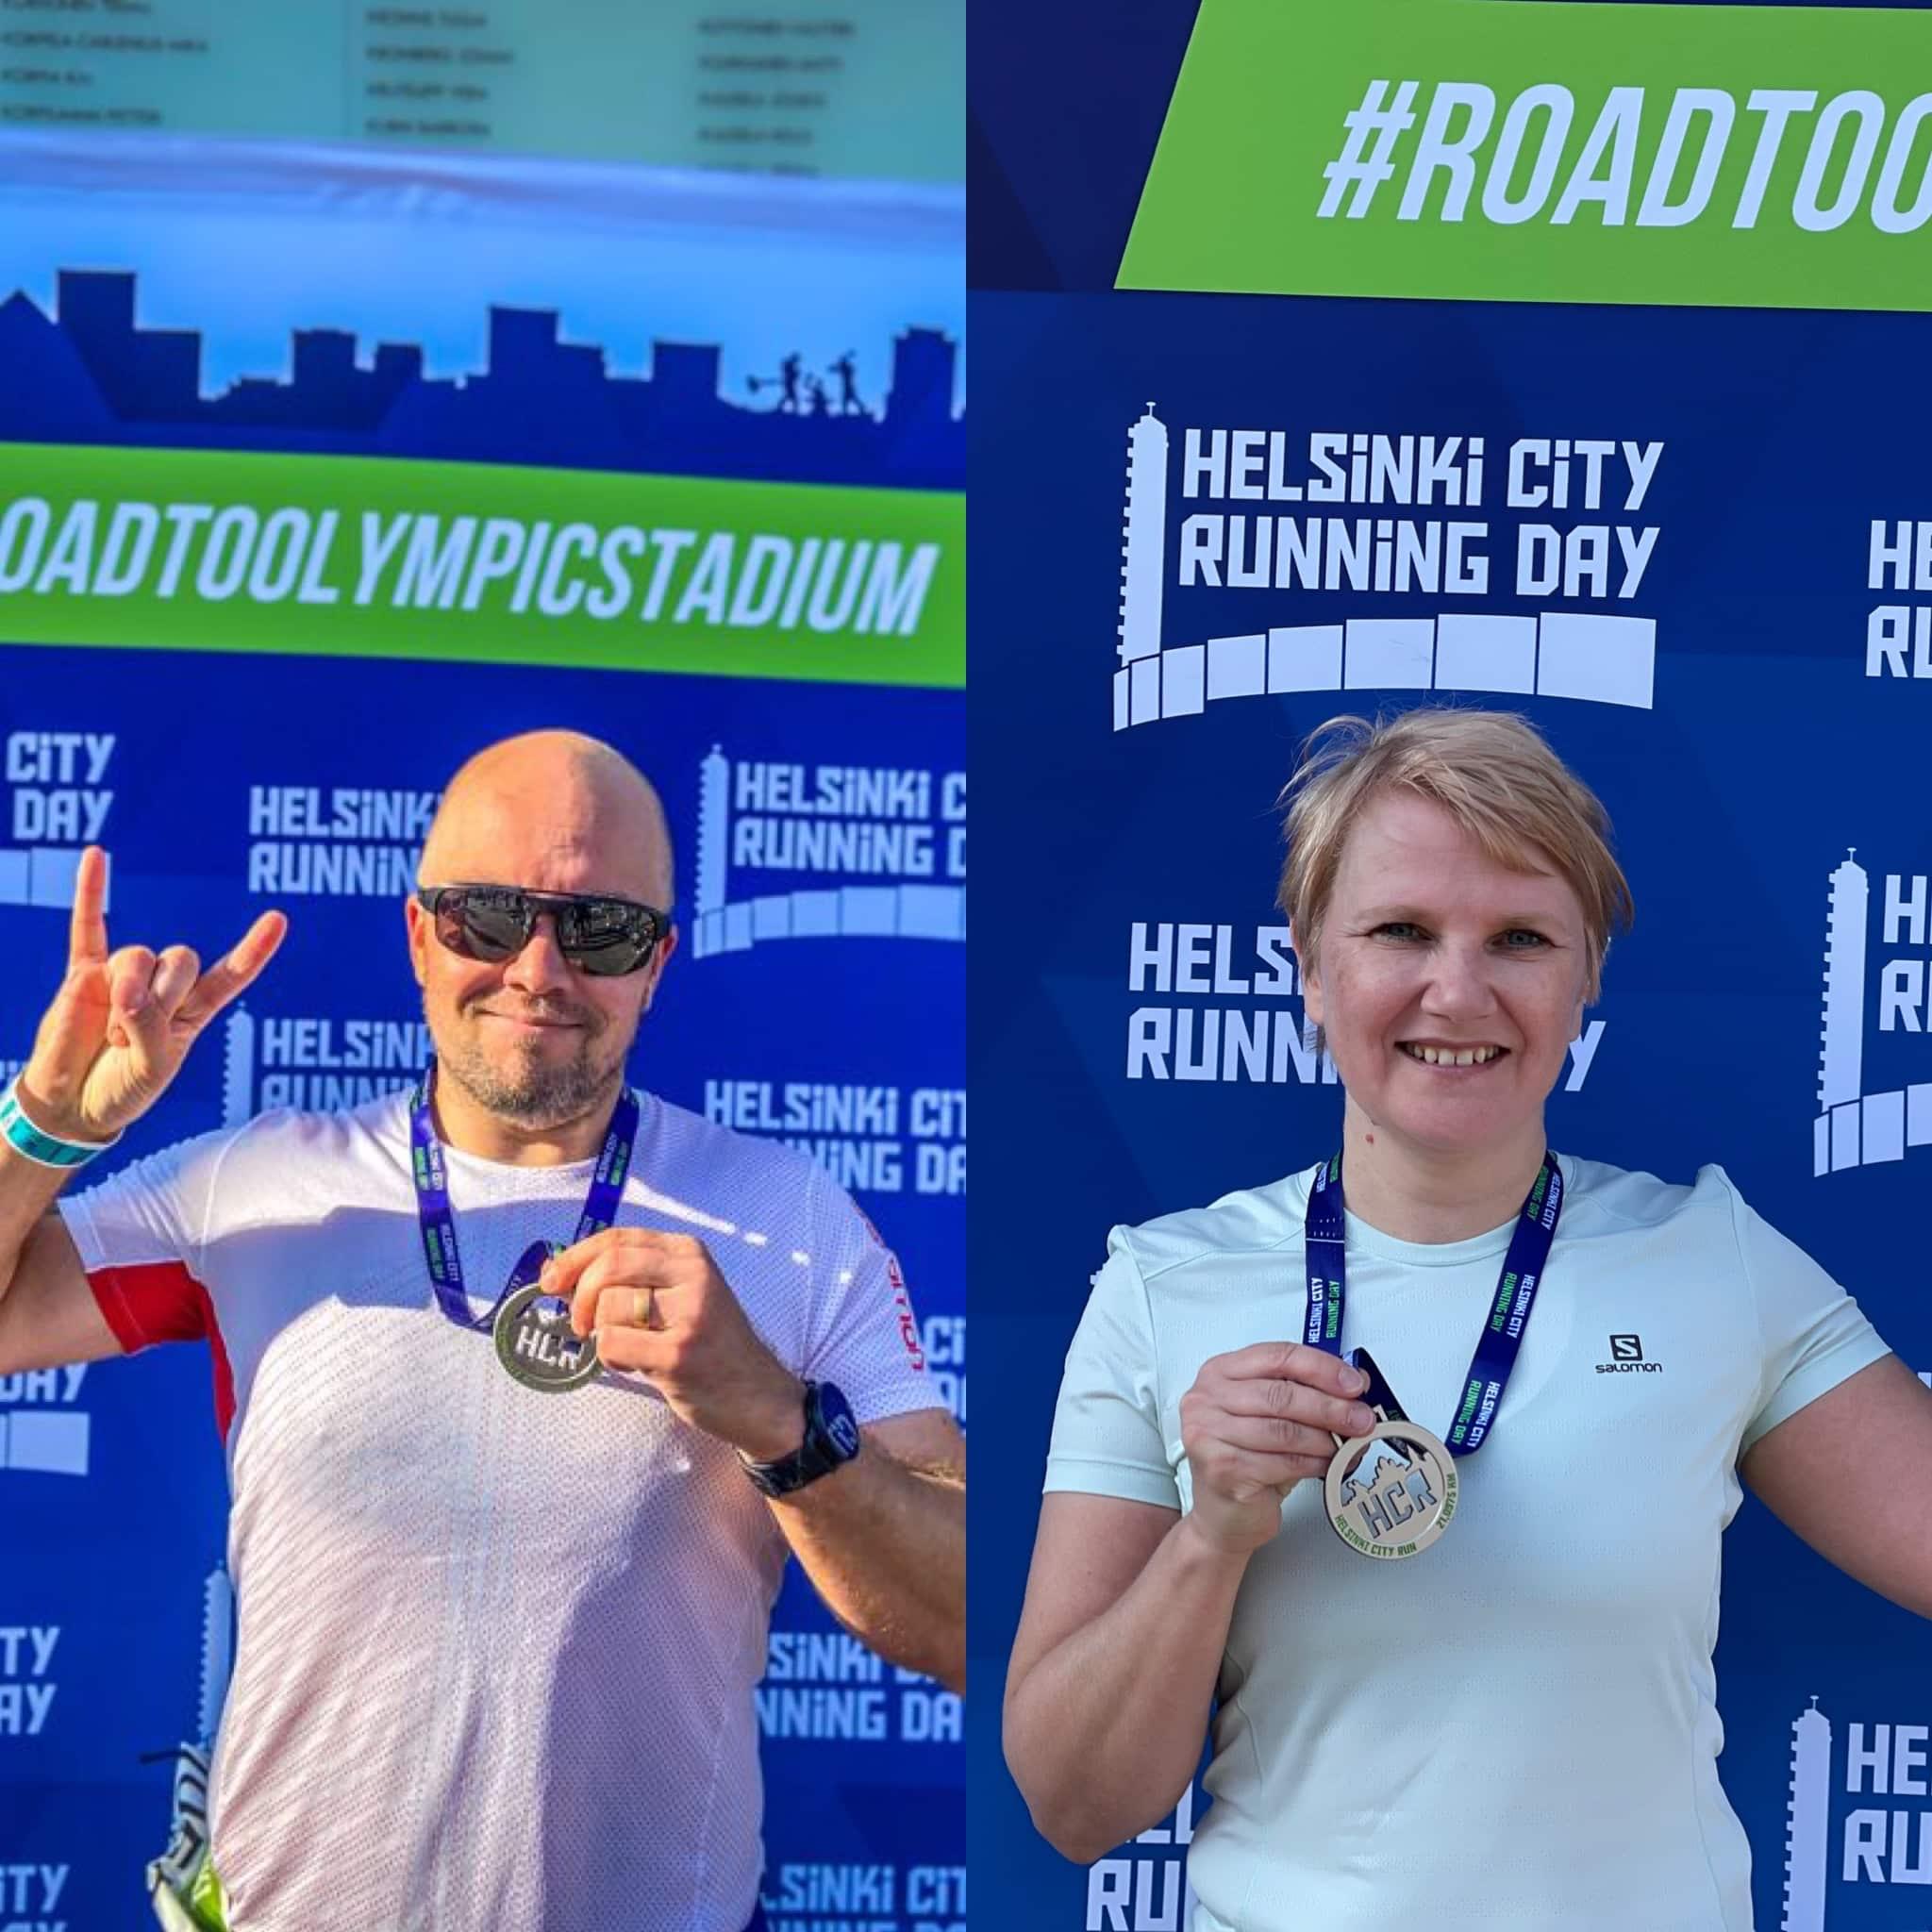 Helsinki City Running Day – puolimaratonilla